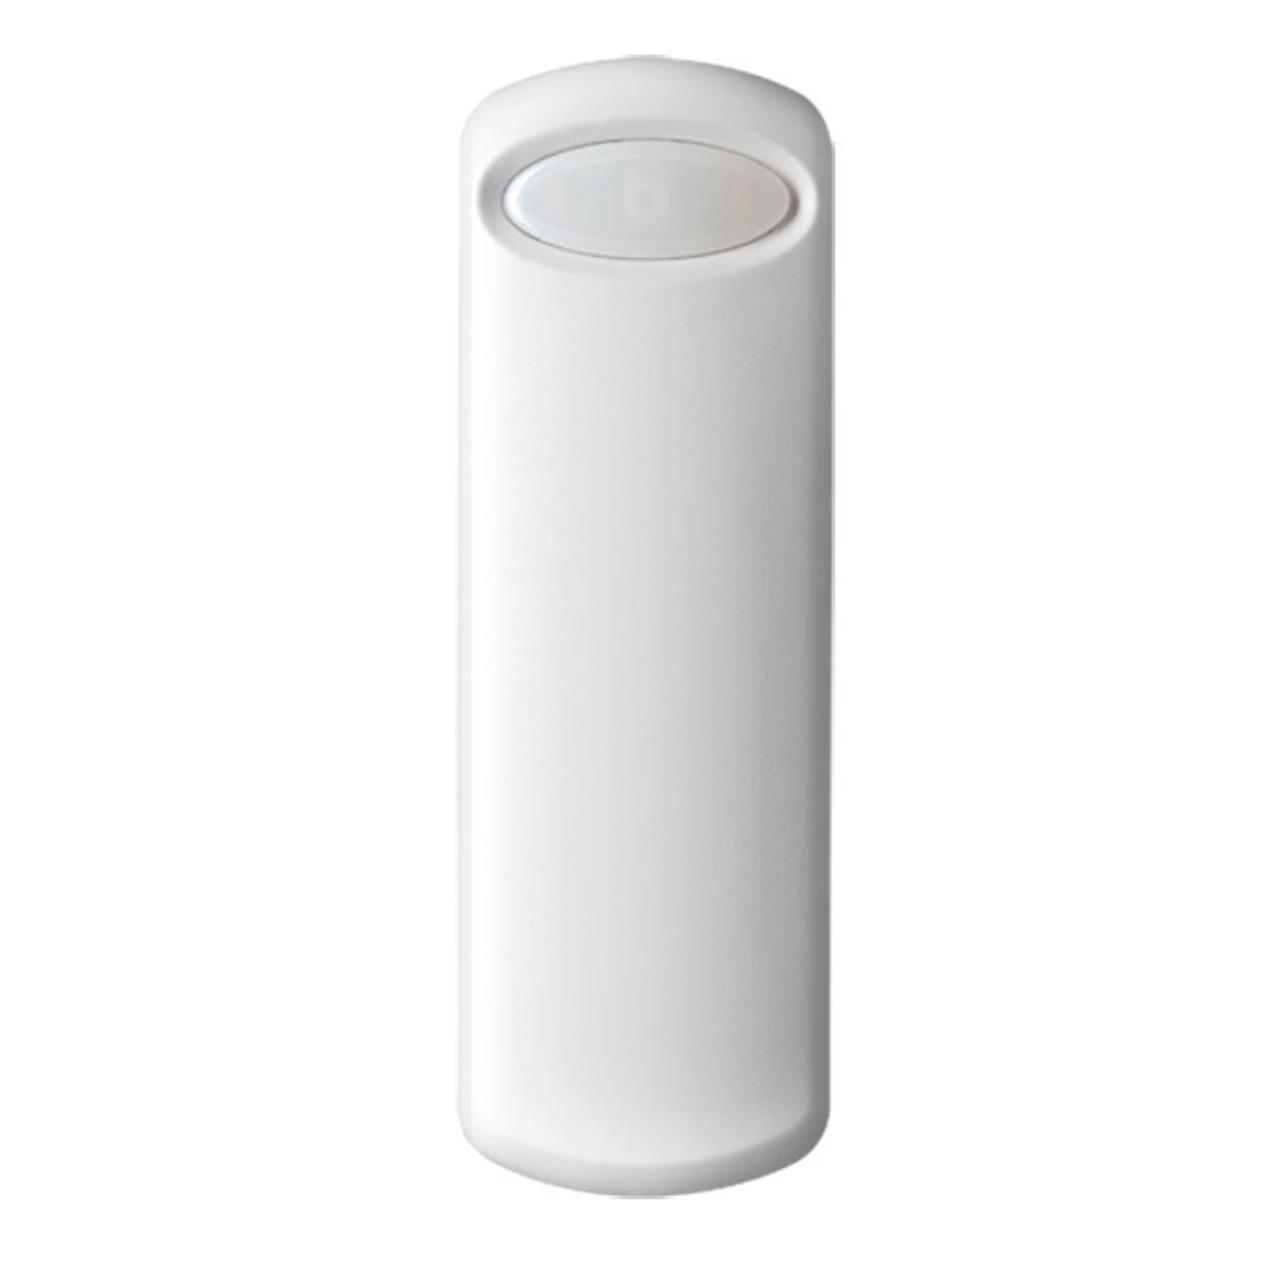 357439 NT18 143 белый Мебельный накладной светильник IP20 LED 4000K 0,25W MADERA